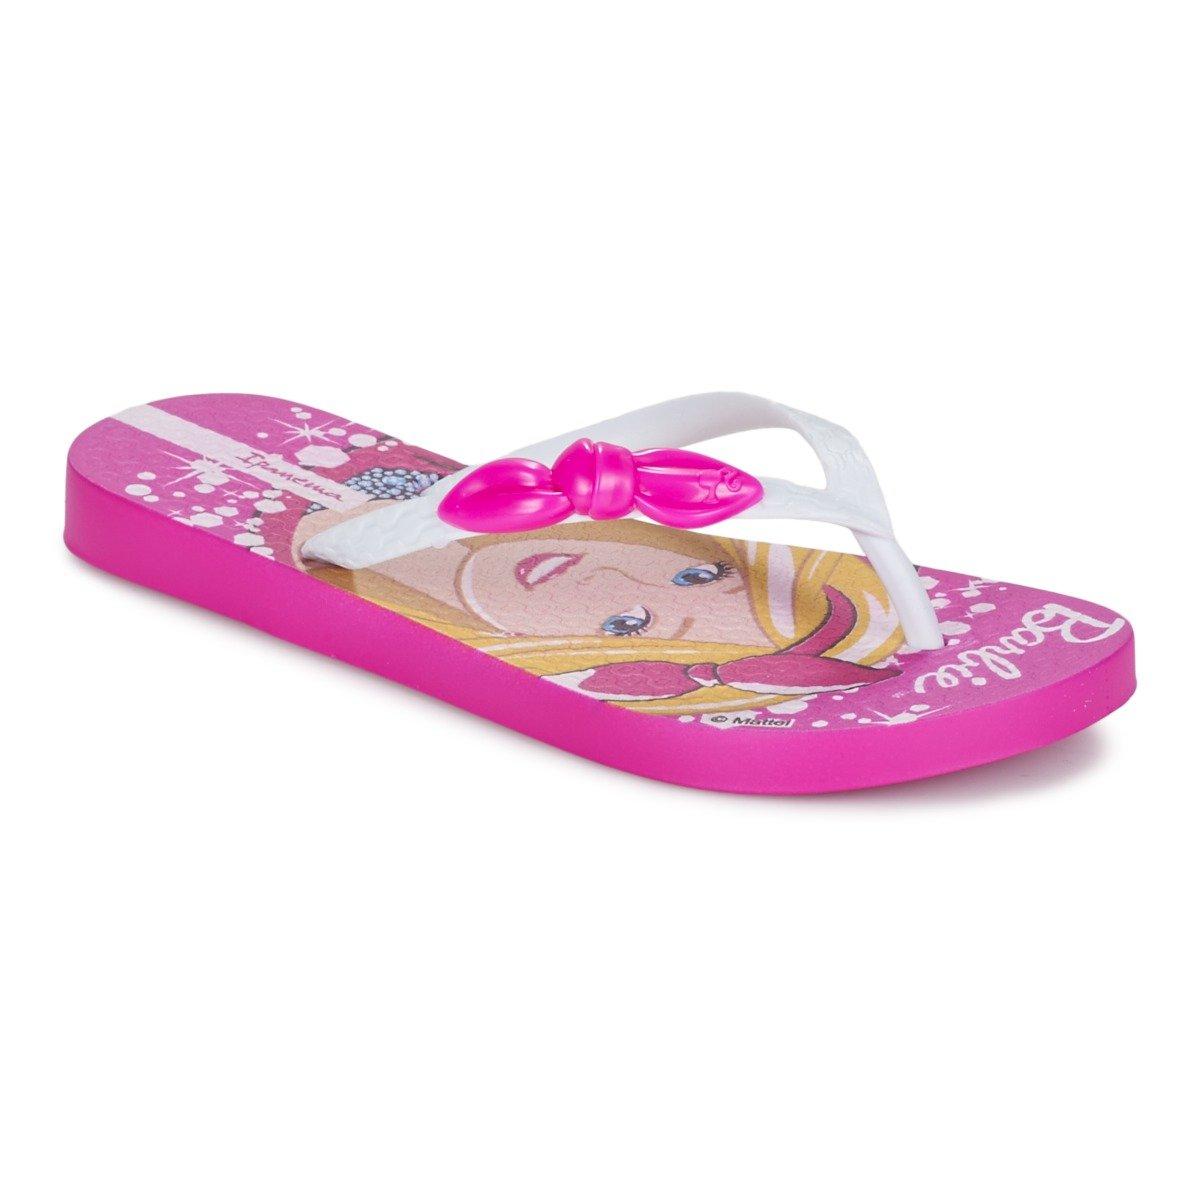 Ipanema Barbie III Kids Kinder Zehentrenner Badeschuhe Sandalen 35614-20753